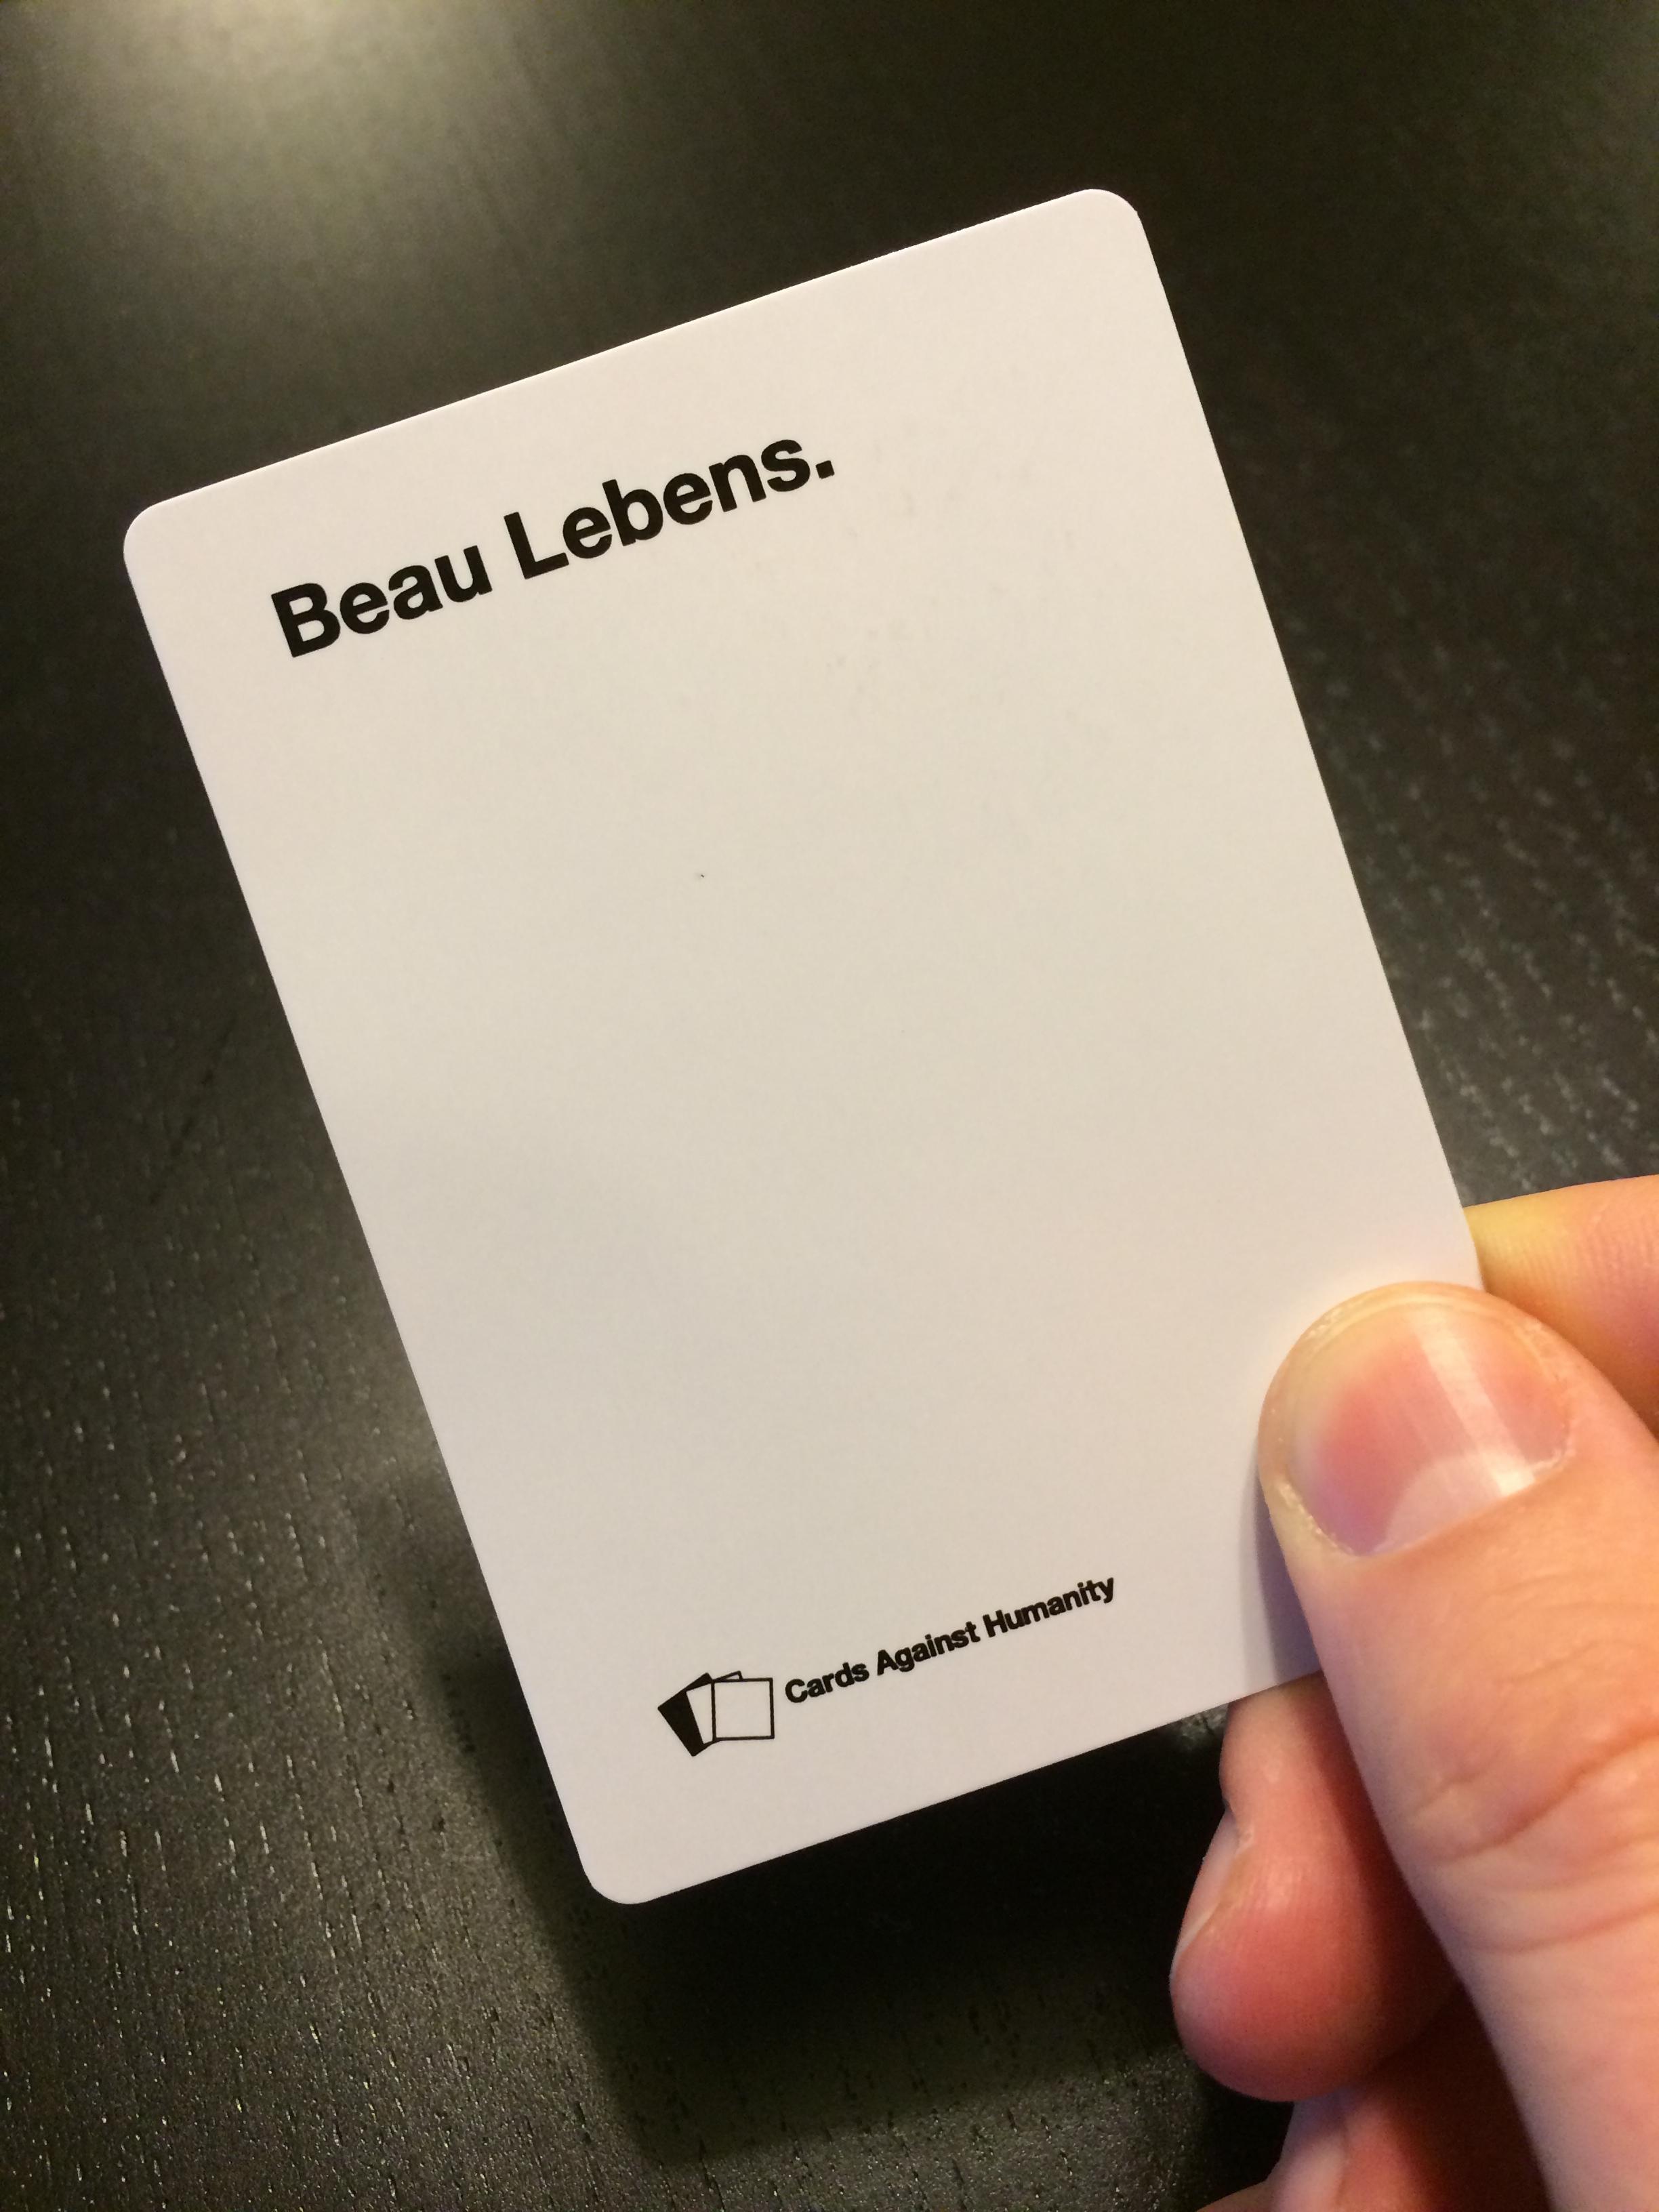 Cards Against Beau Lebens